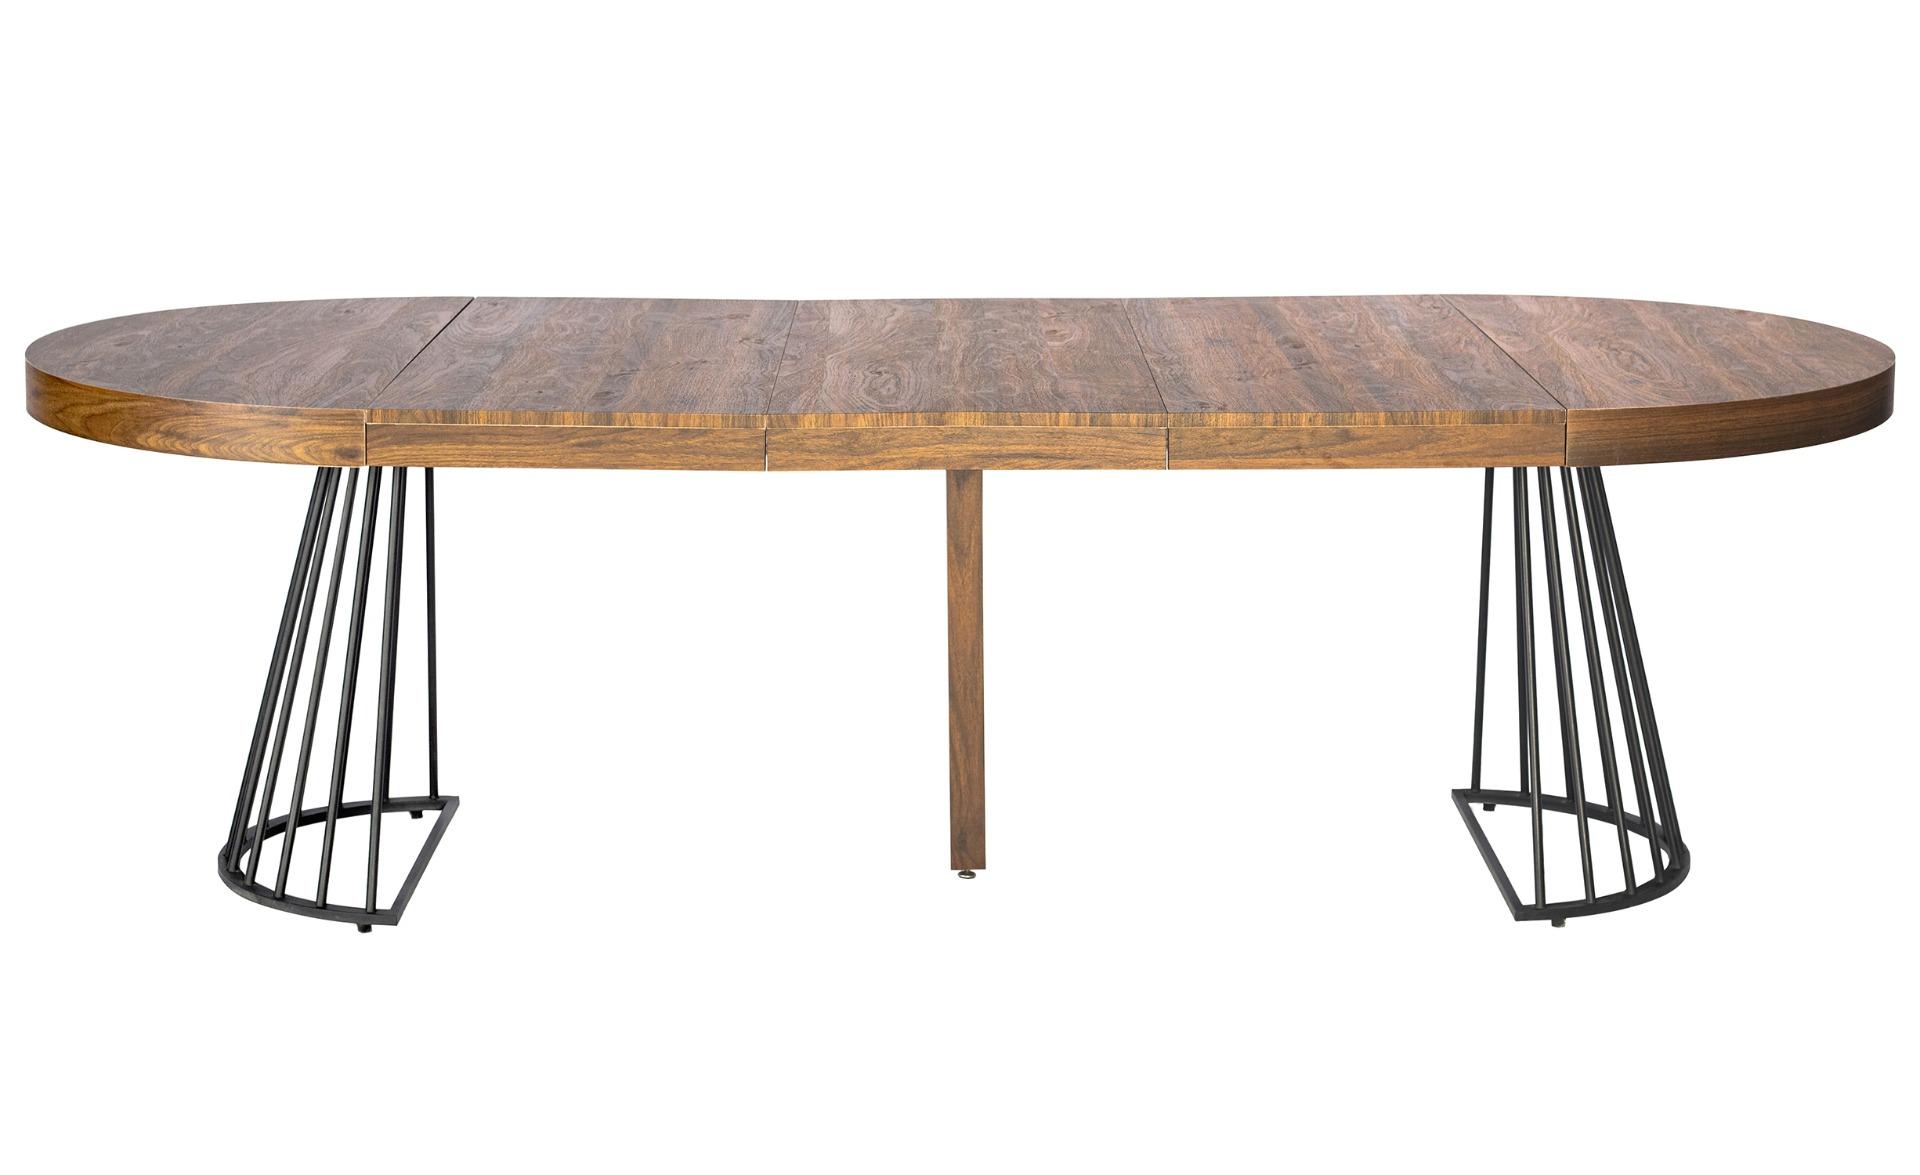 Uitschuifbare ronde tafel Grivery Wood Hazelnut zwarte poten